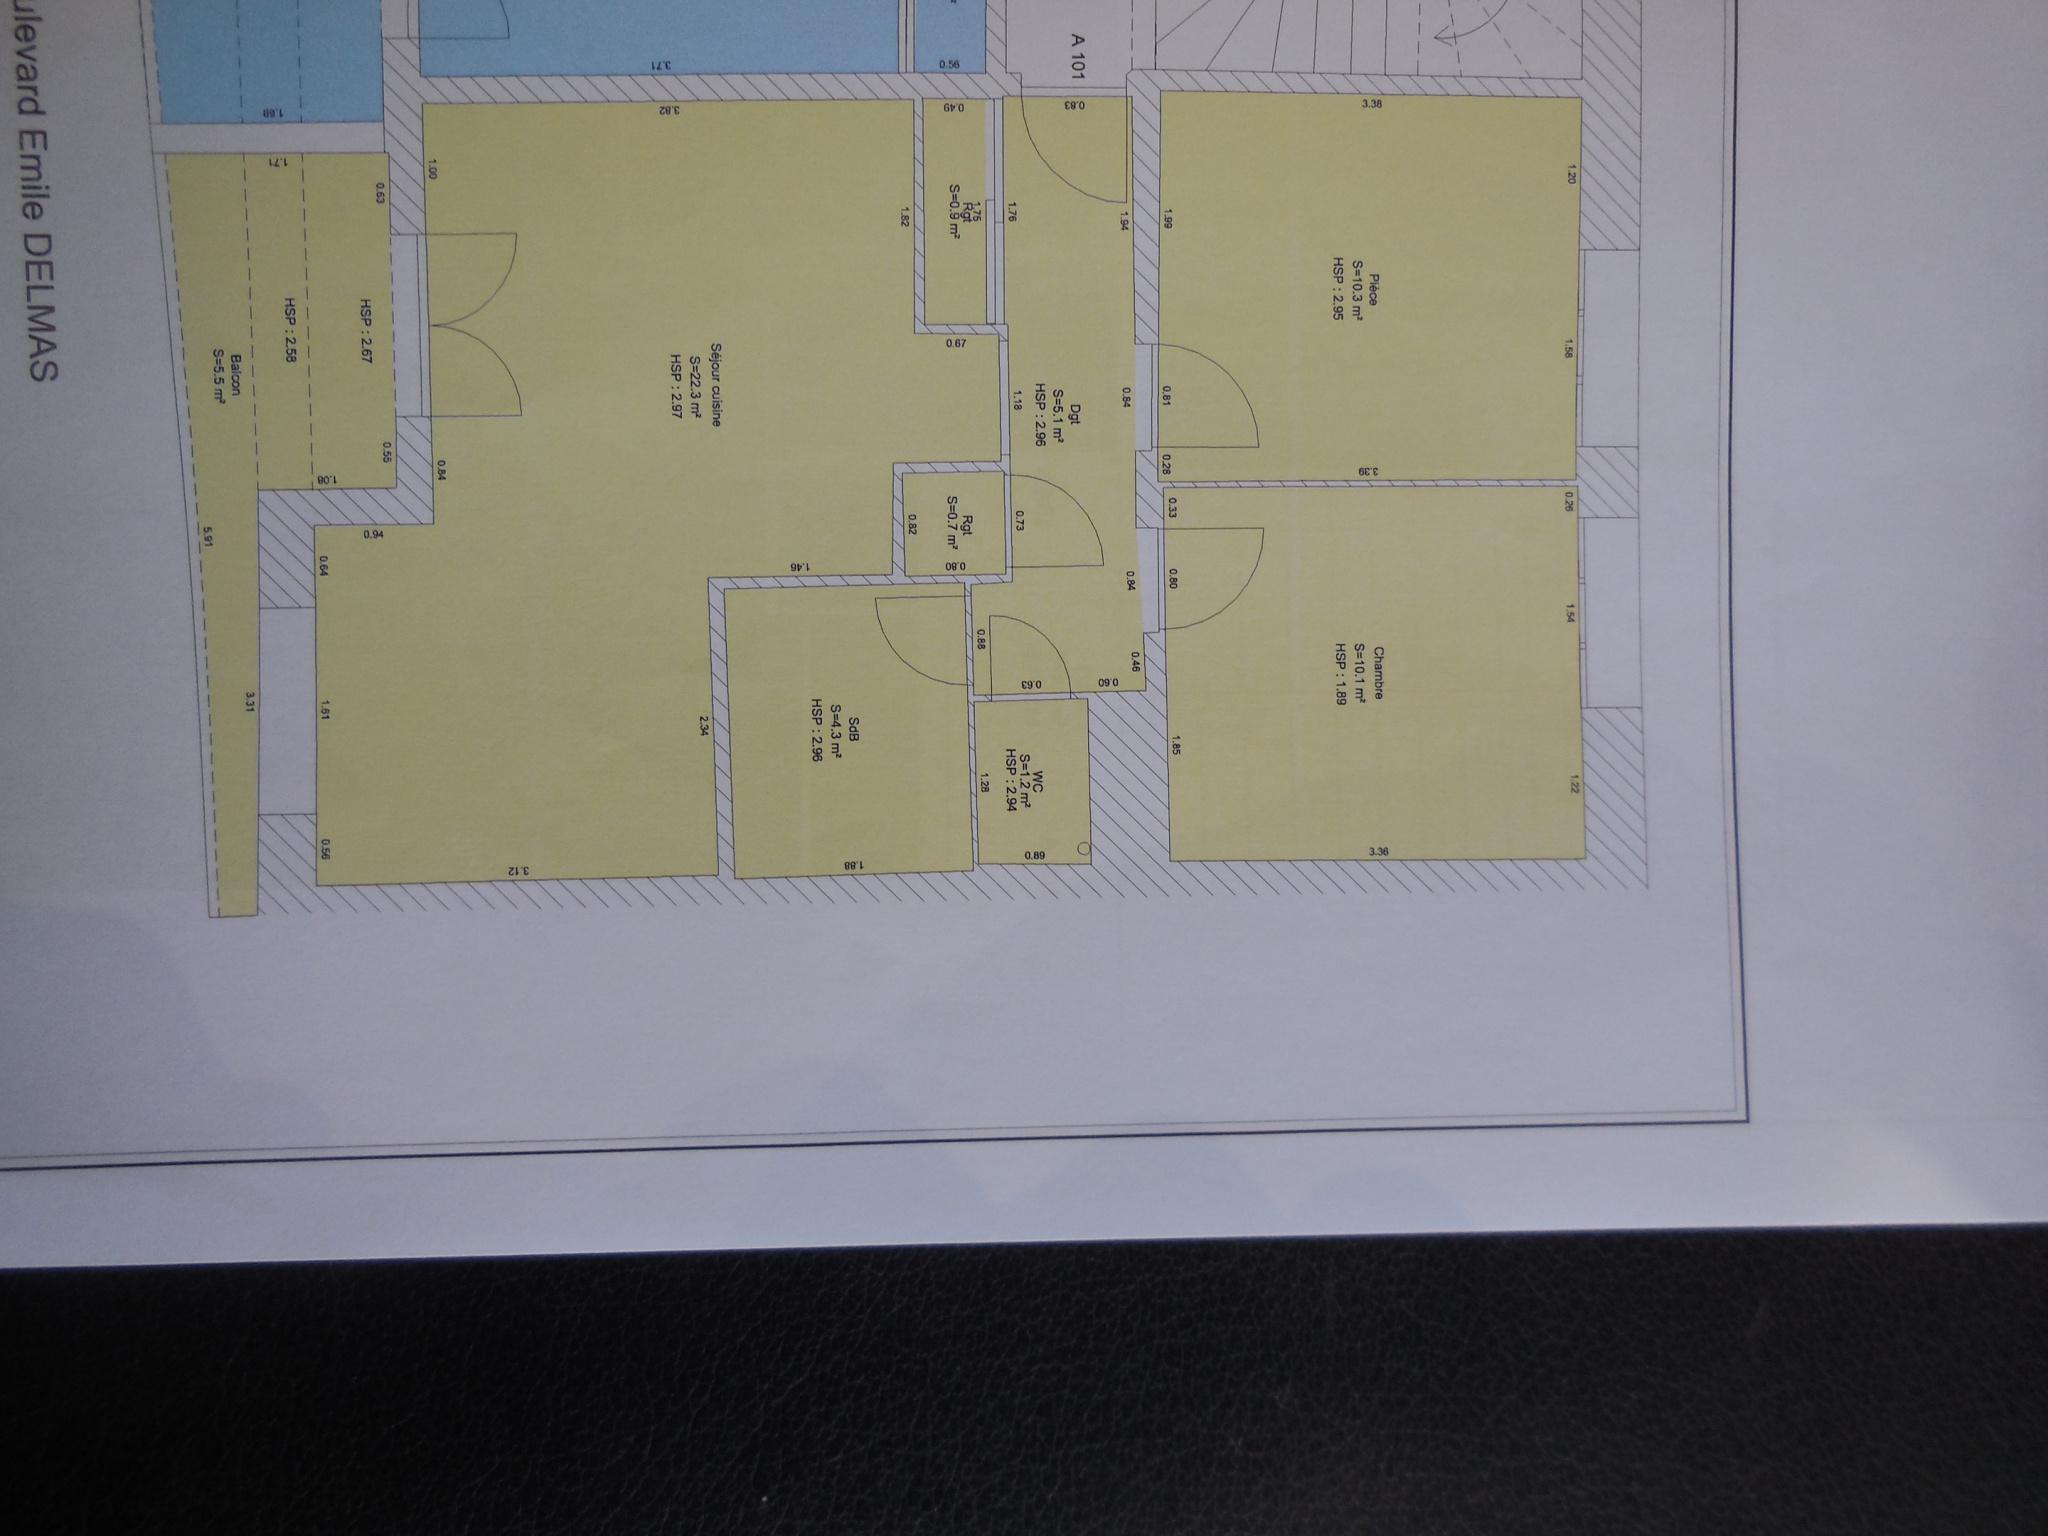 appartement la rochelle LA ROCHELLE - APPARTEMENT DE TYPE 3 - LA PALLICE